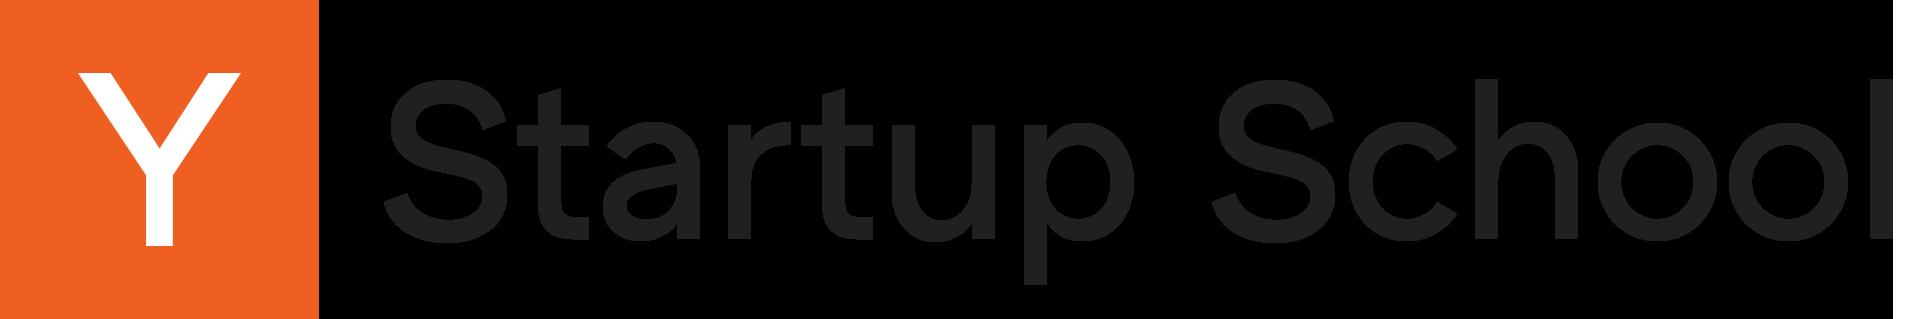 y-startup-school